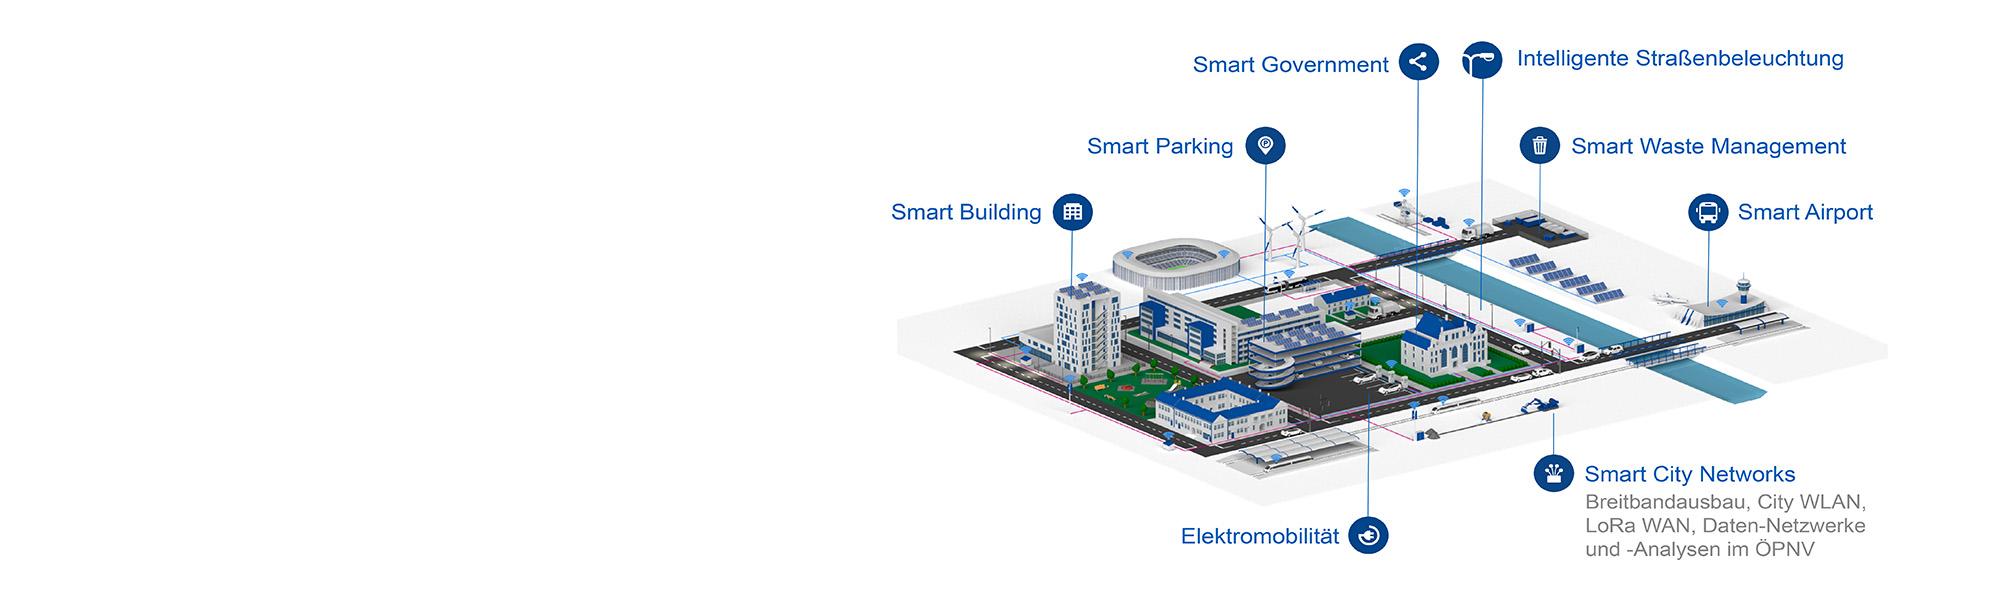 Smart City -  für die VINCI Energies in Deutschland bereits Realität